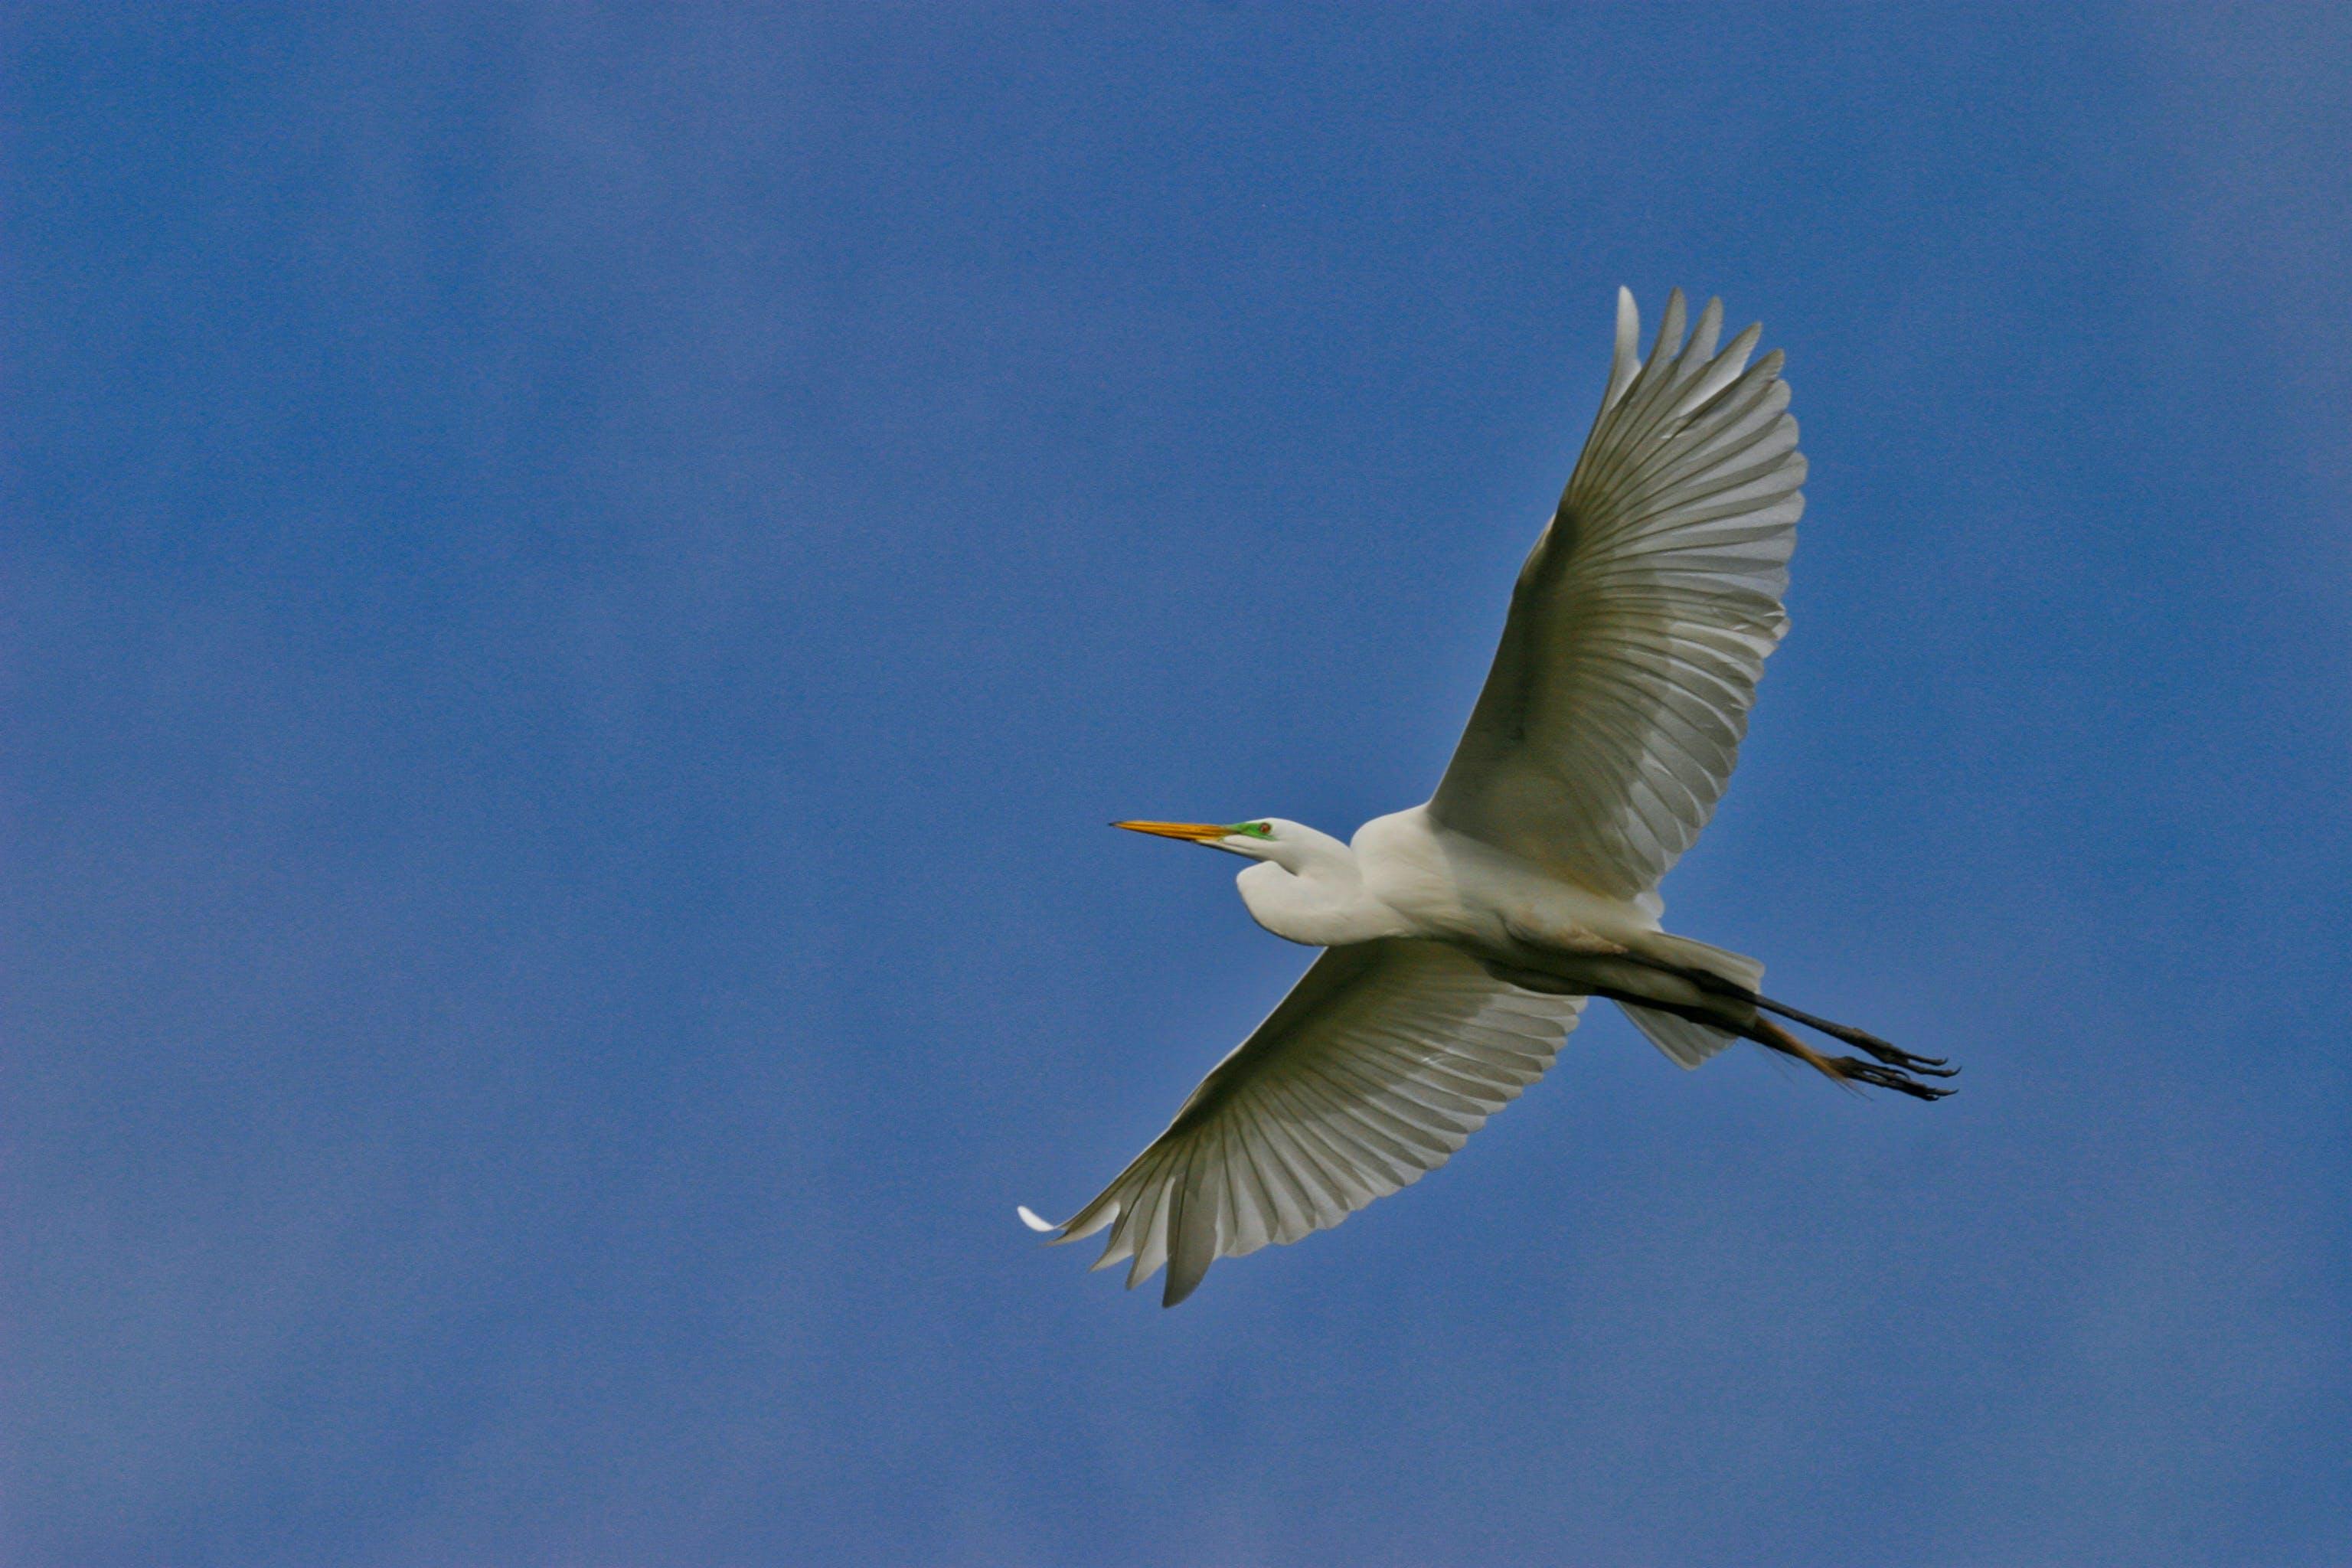 Great Egret Flying Under Blue Sky